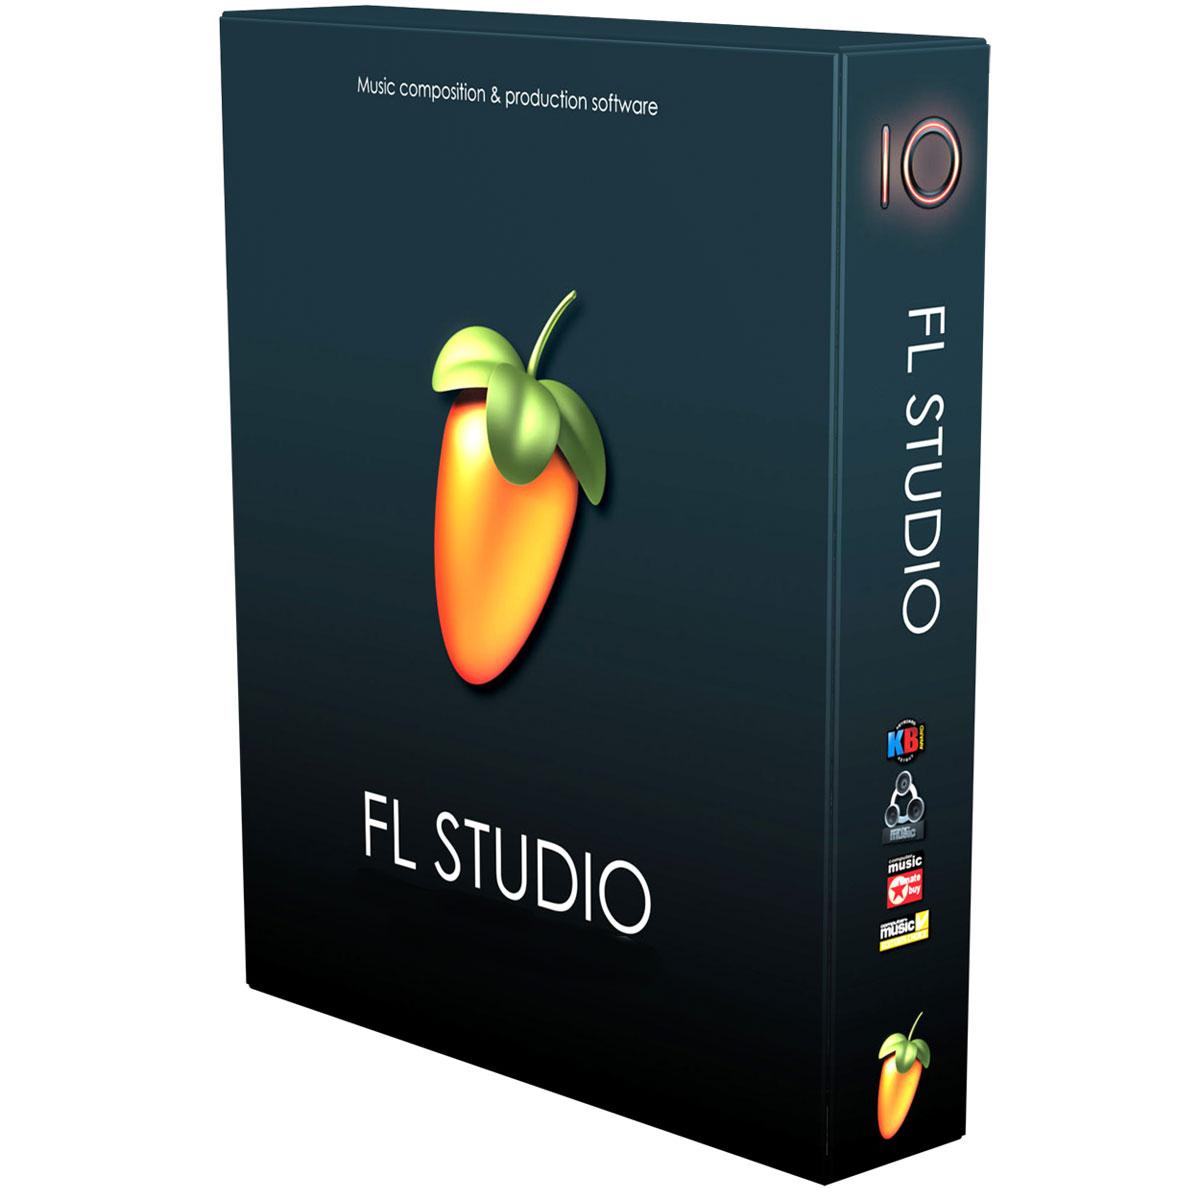 Fl studio 10 achat vente logiciel musique mp3 sur for Logiciel de creation 3d gratuit francais